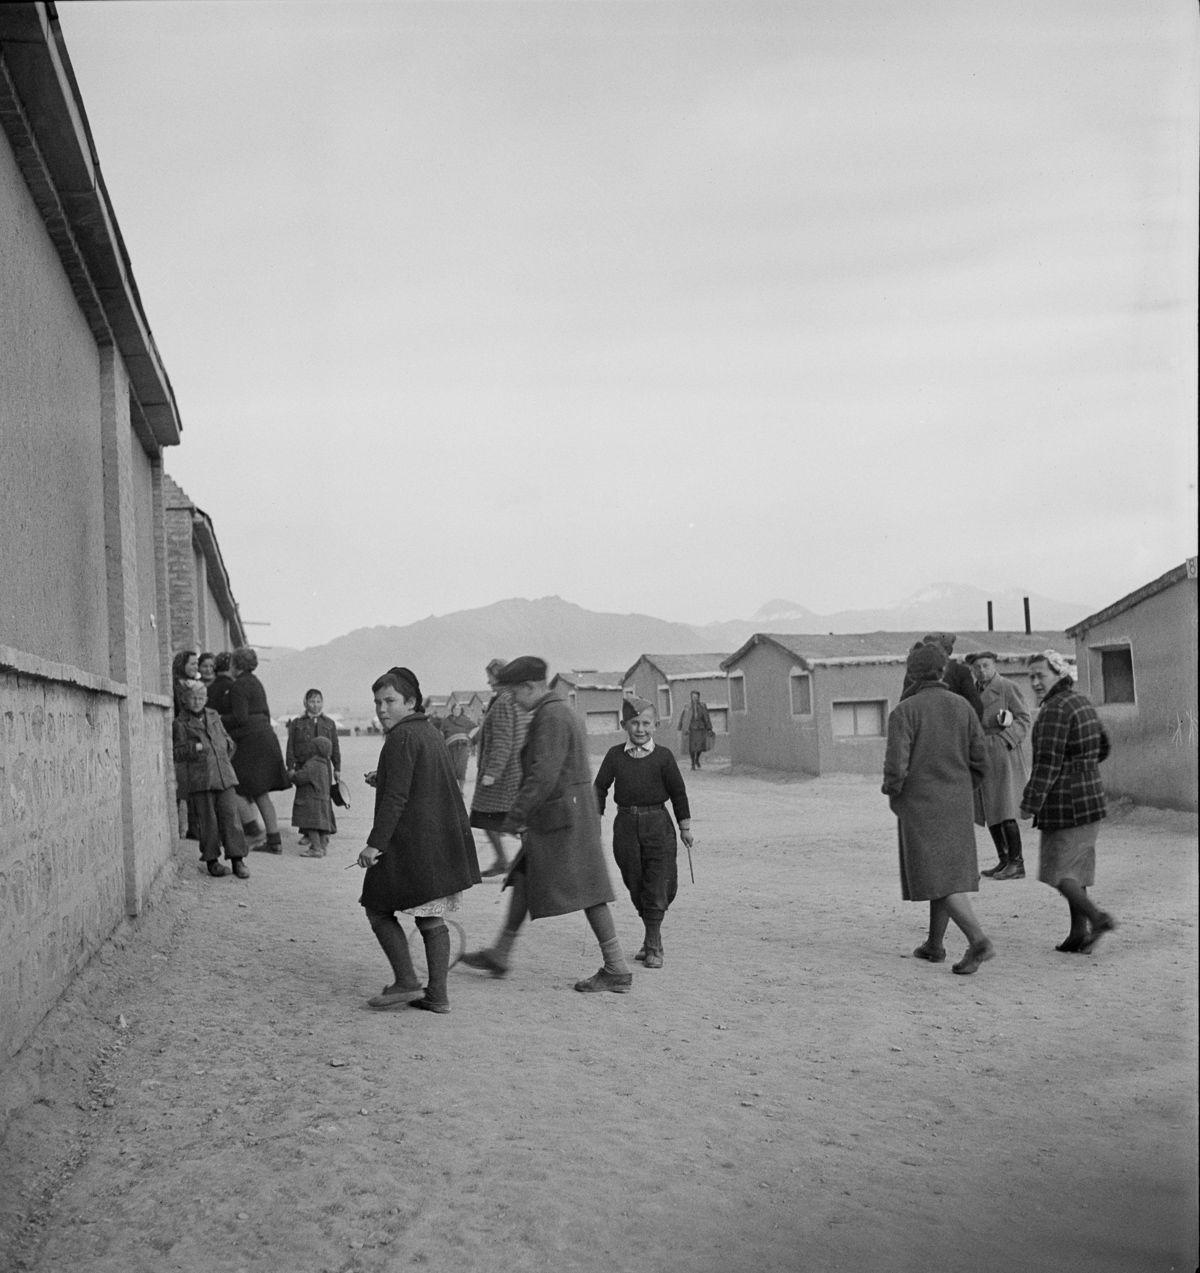 Na Segunda Guerra Mundial, refugiados poloneses encontraram seguran�a no Ir� 15